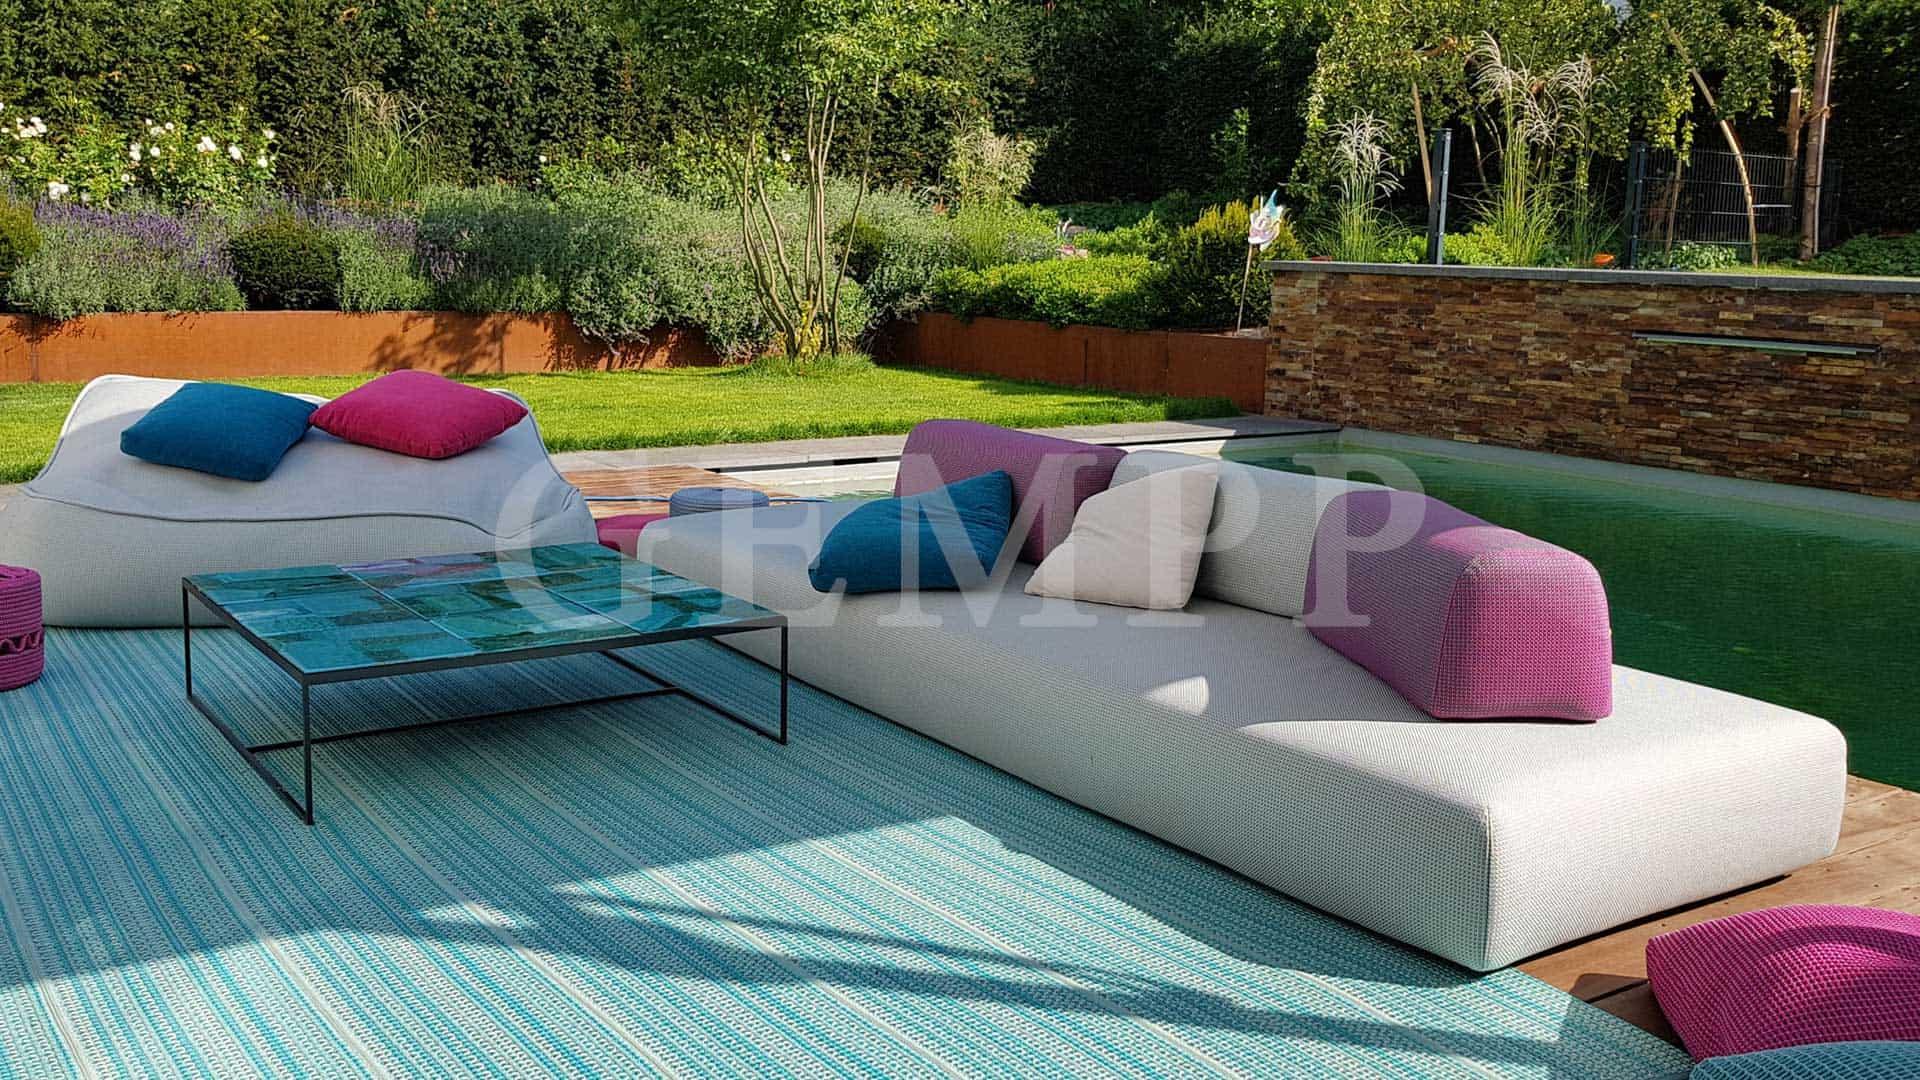 moderne gartengestaltung mit pool frankfurt am main. Black Bedroom Furniture Sets. Home Design Ideas